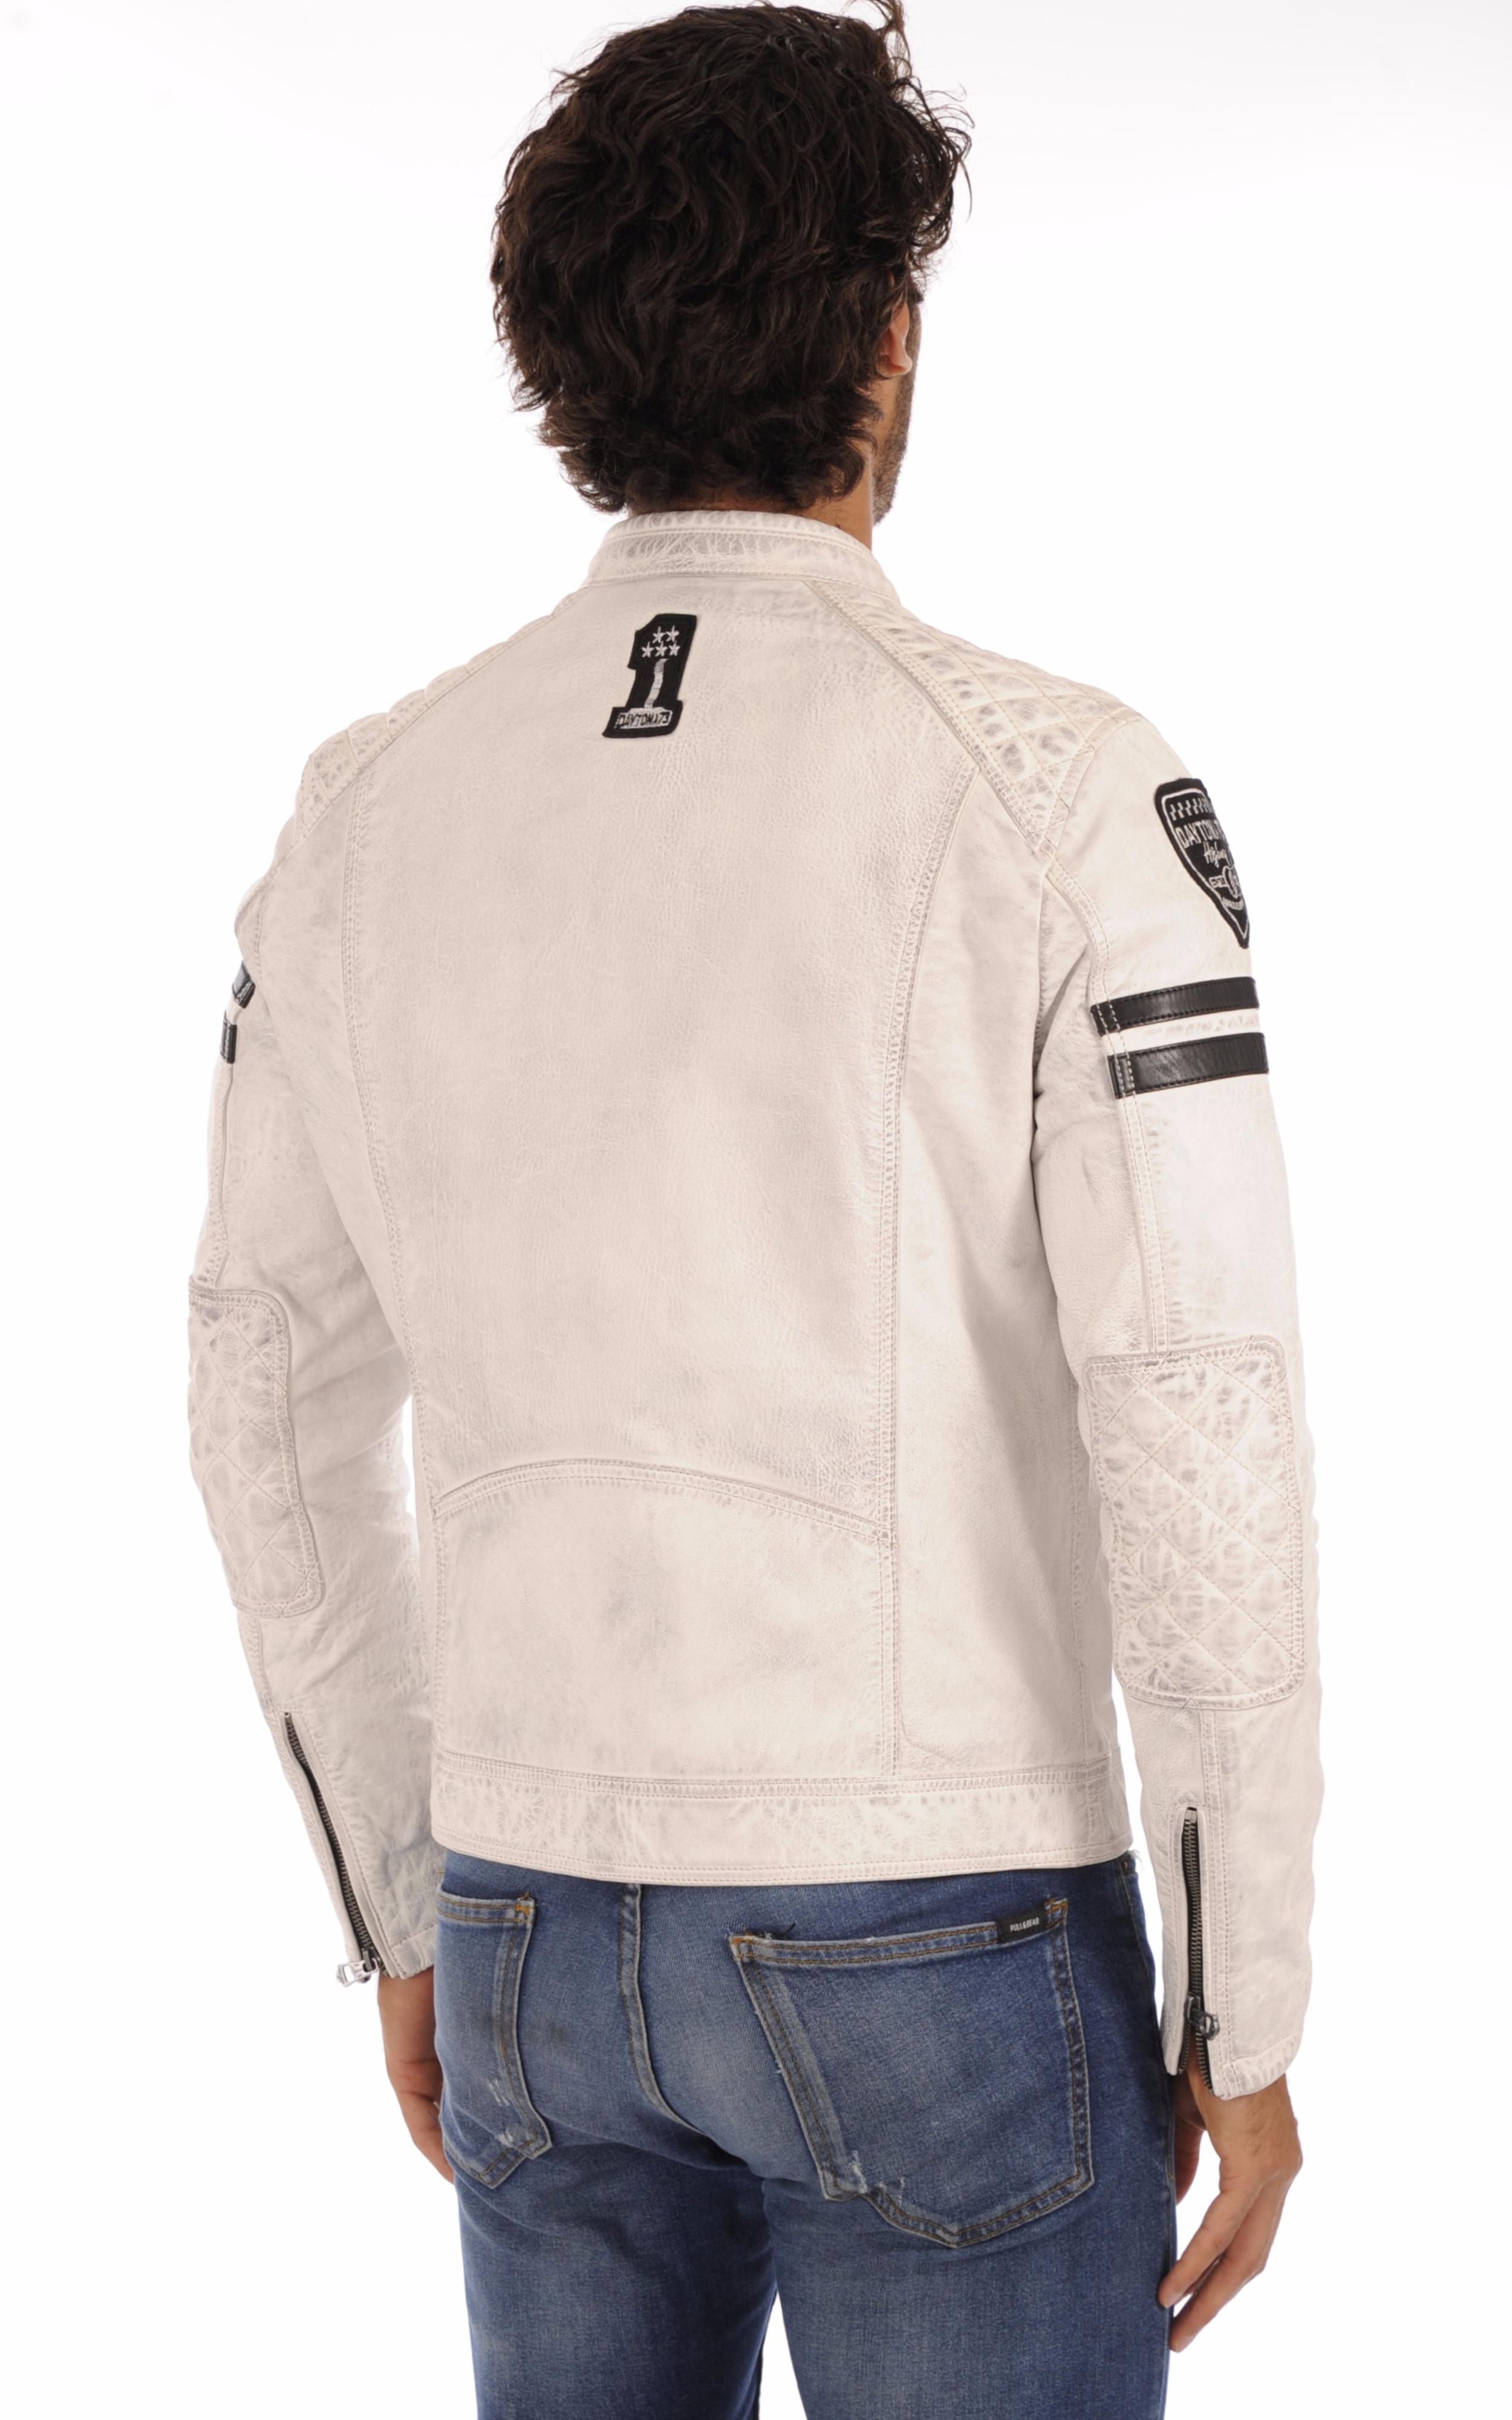 Blouson Motard Blanc Daytona 73